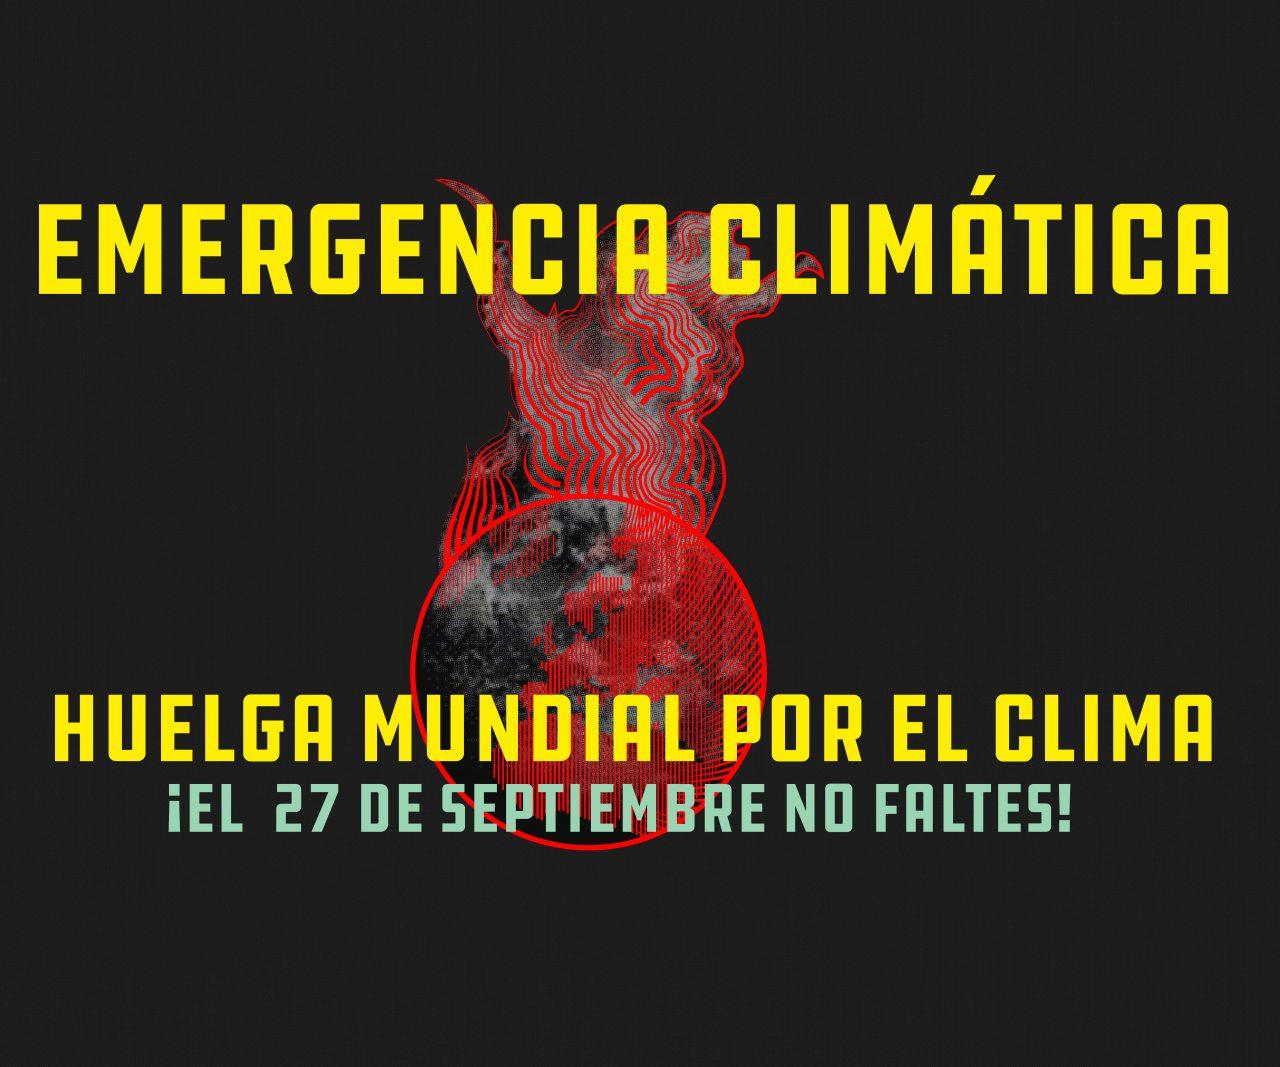 Más de 300 organizaciones se suman a la Huelga Mundial por el Clima del 27-S